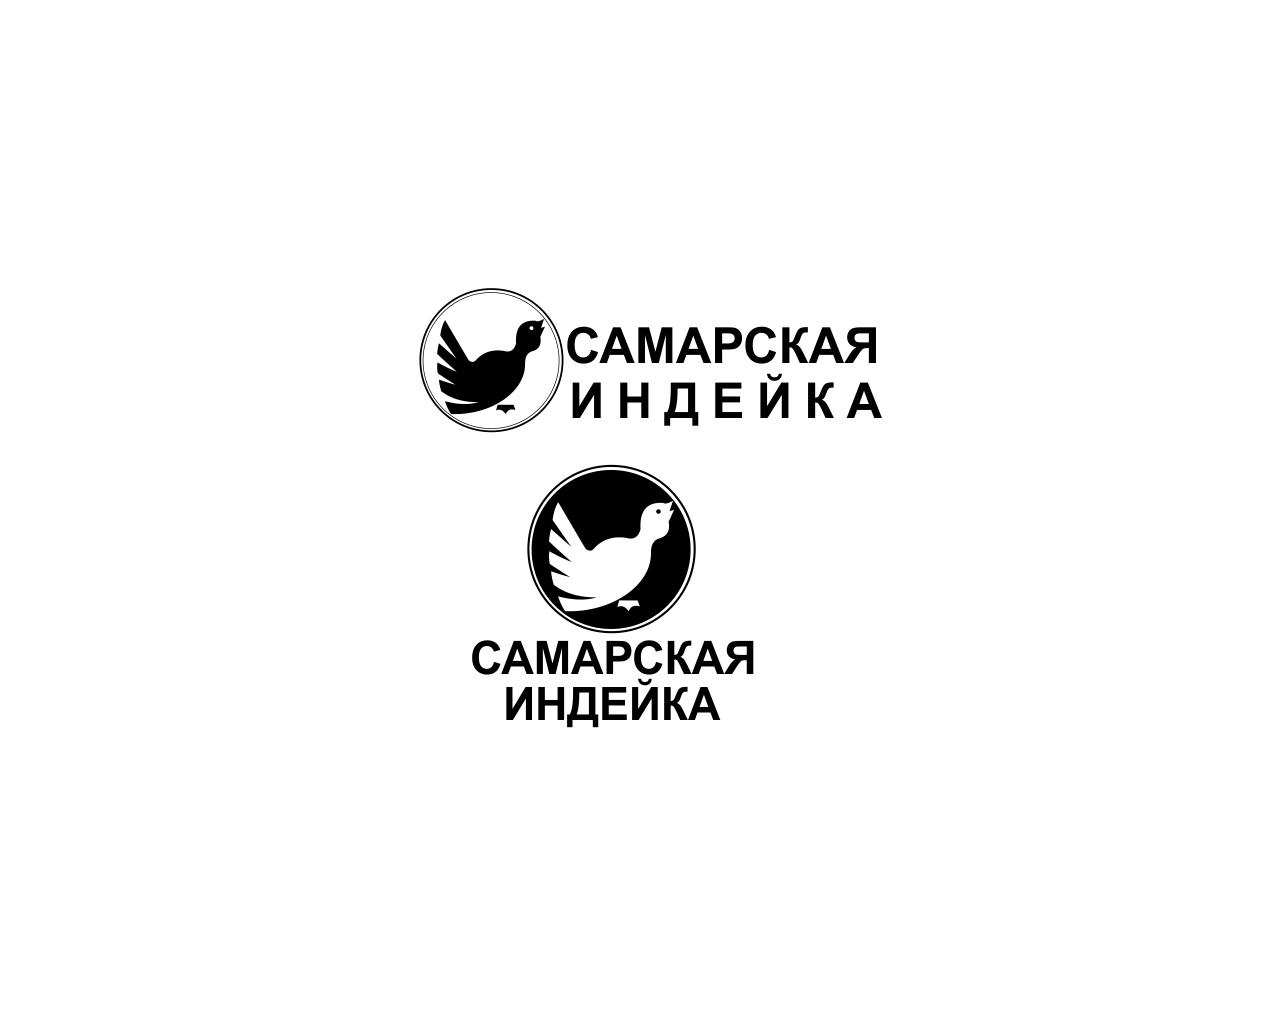 Создание логотипа Сельхоз производителя фото f_40655e849950af89.jpg